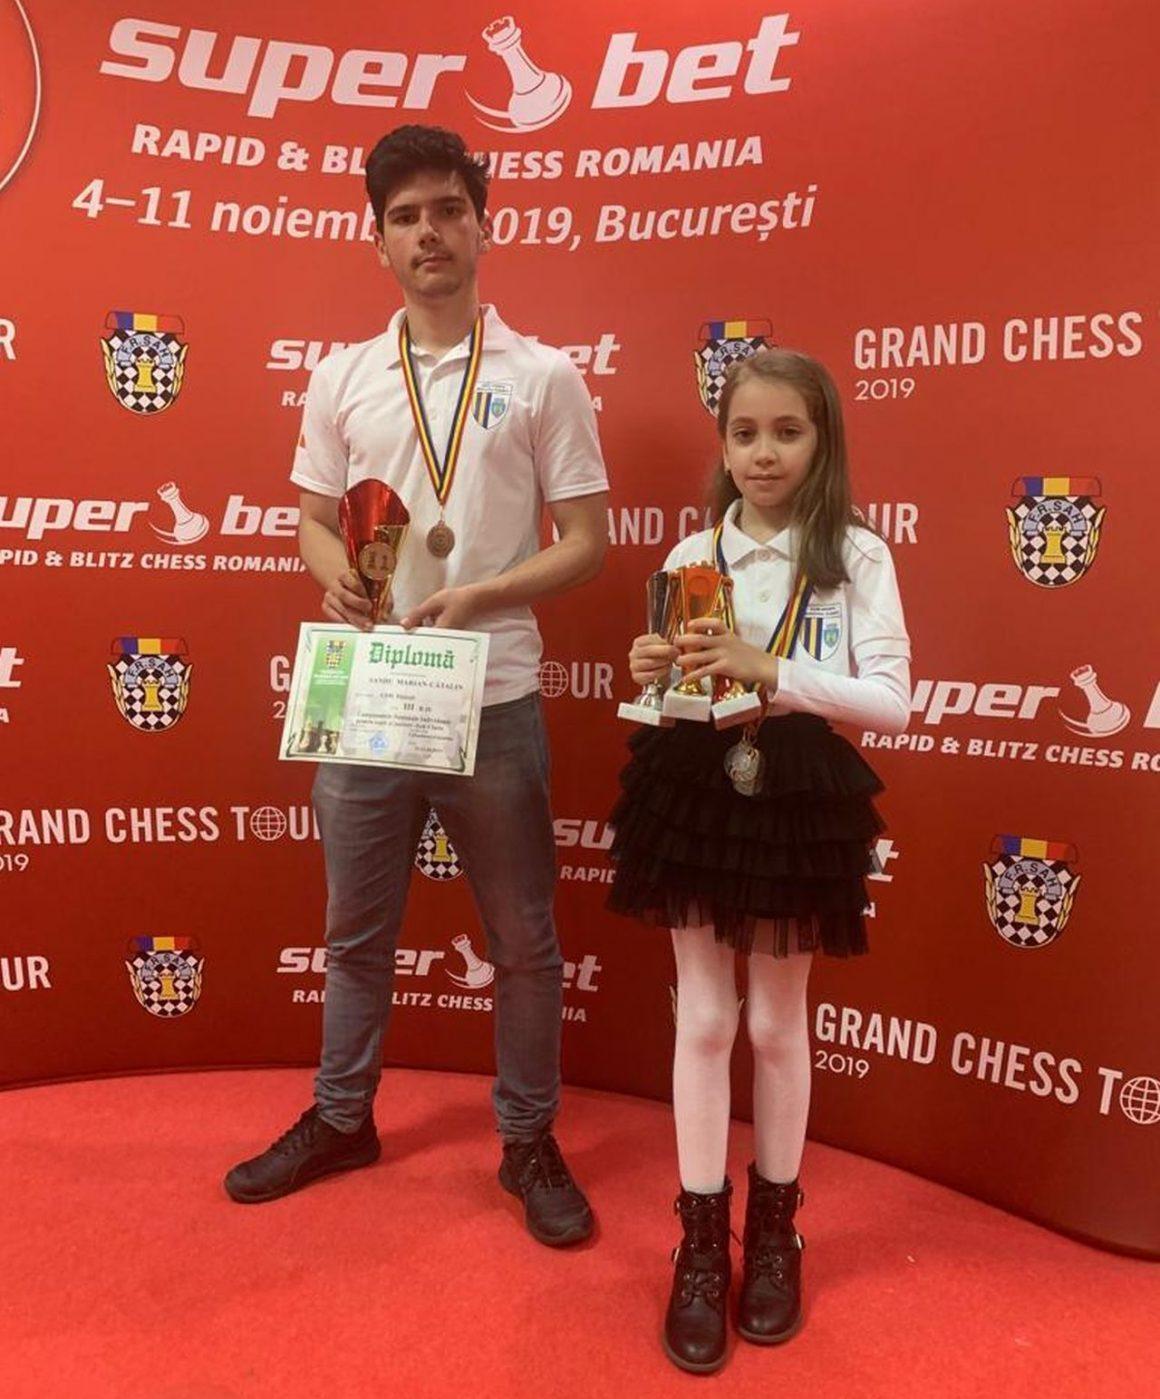 Şahiştii de la CSM Ploieşti, 4 medalii la Campionatele Naţionale de la Călimăneşti Căciulata!